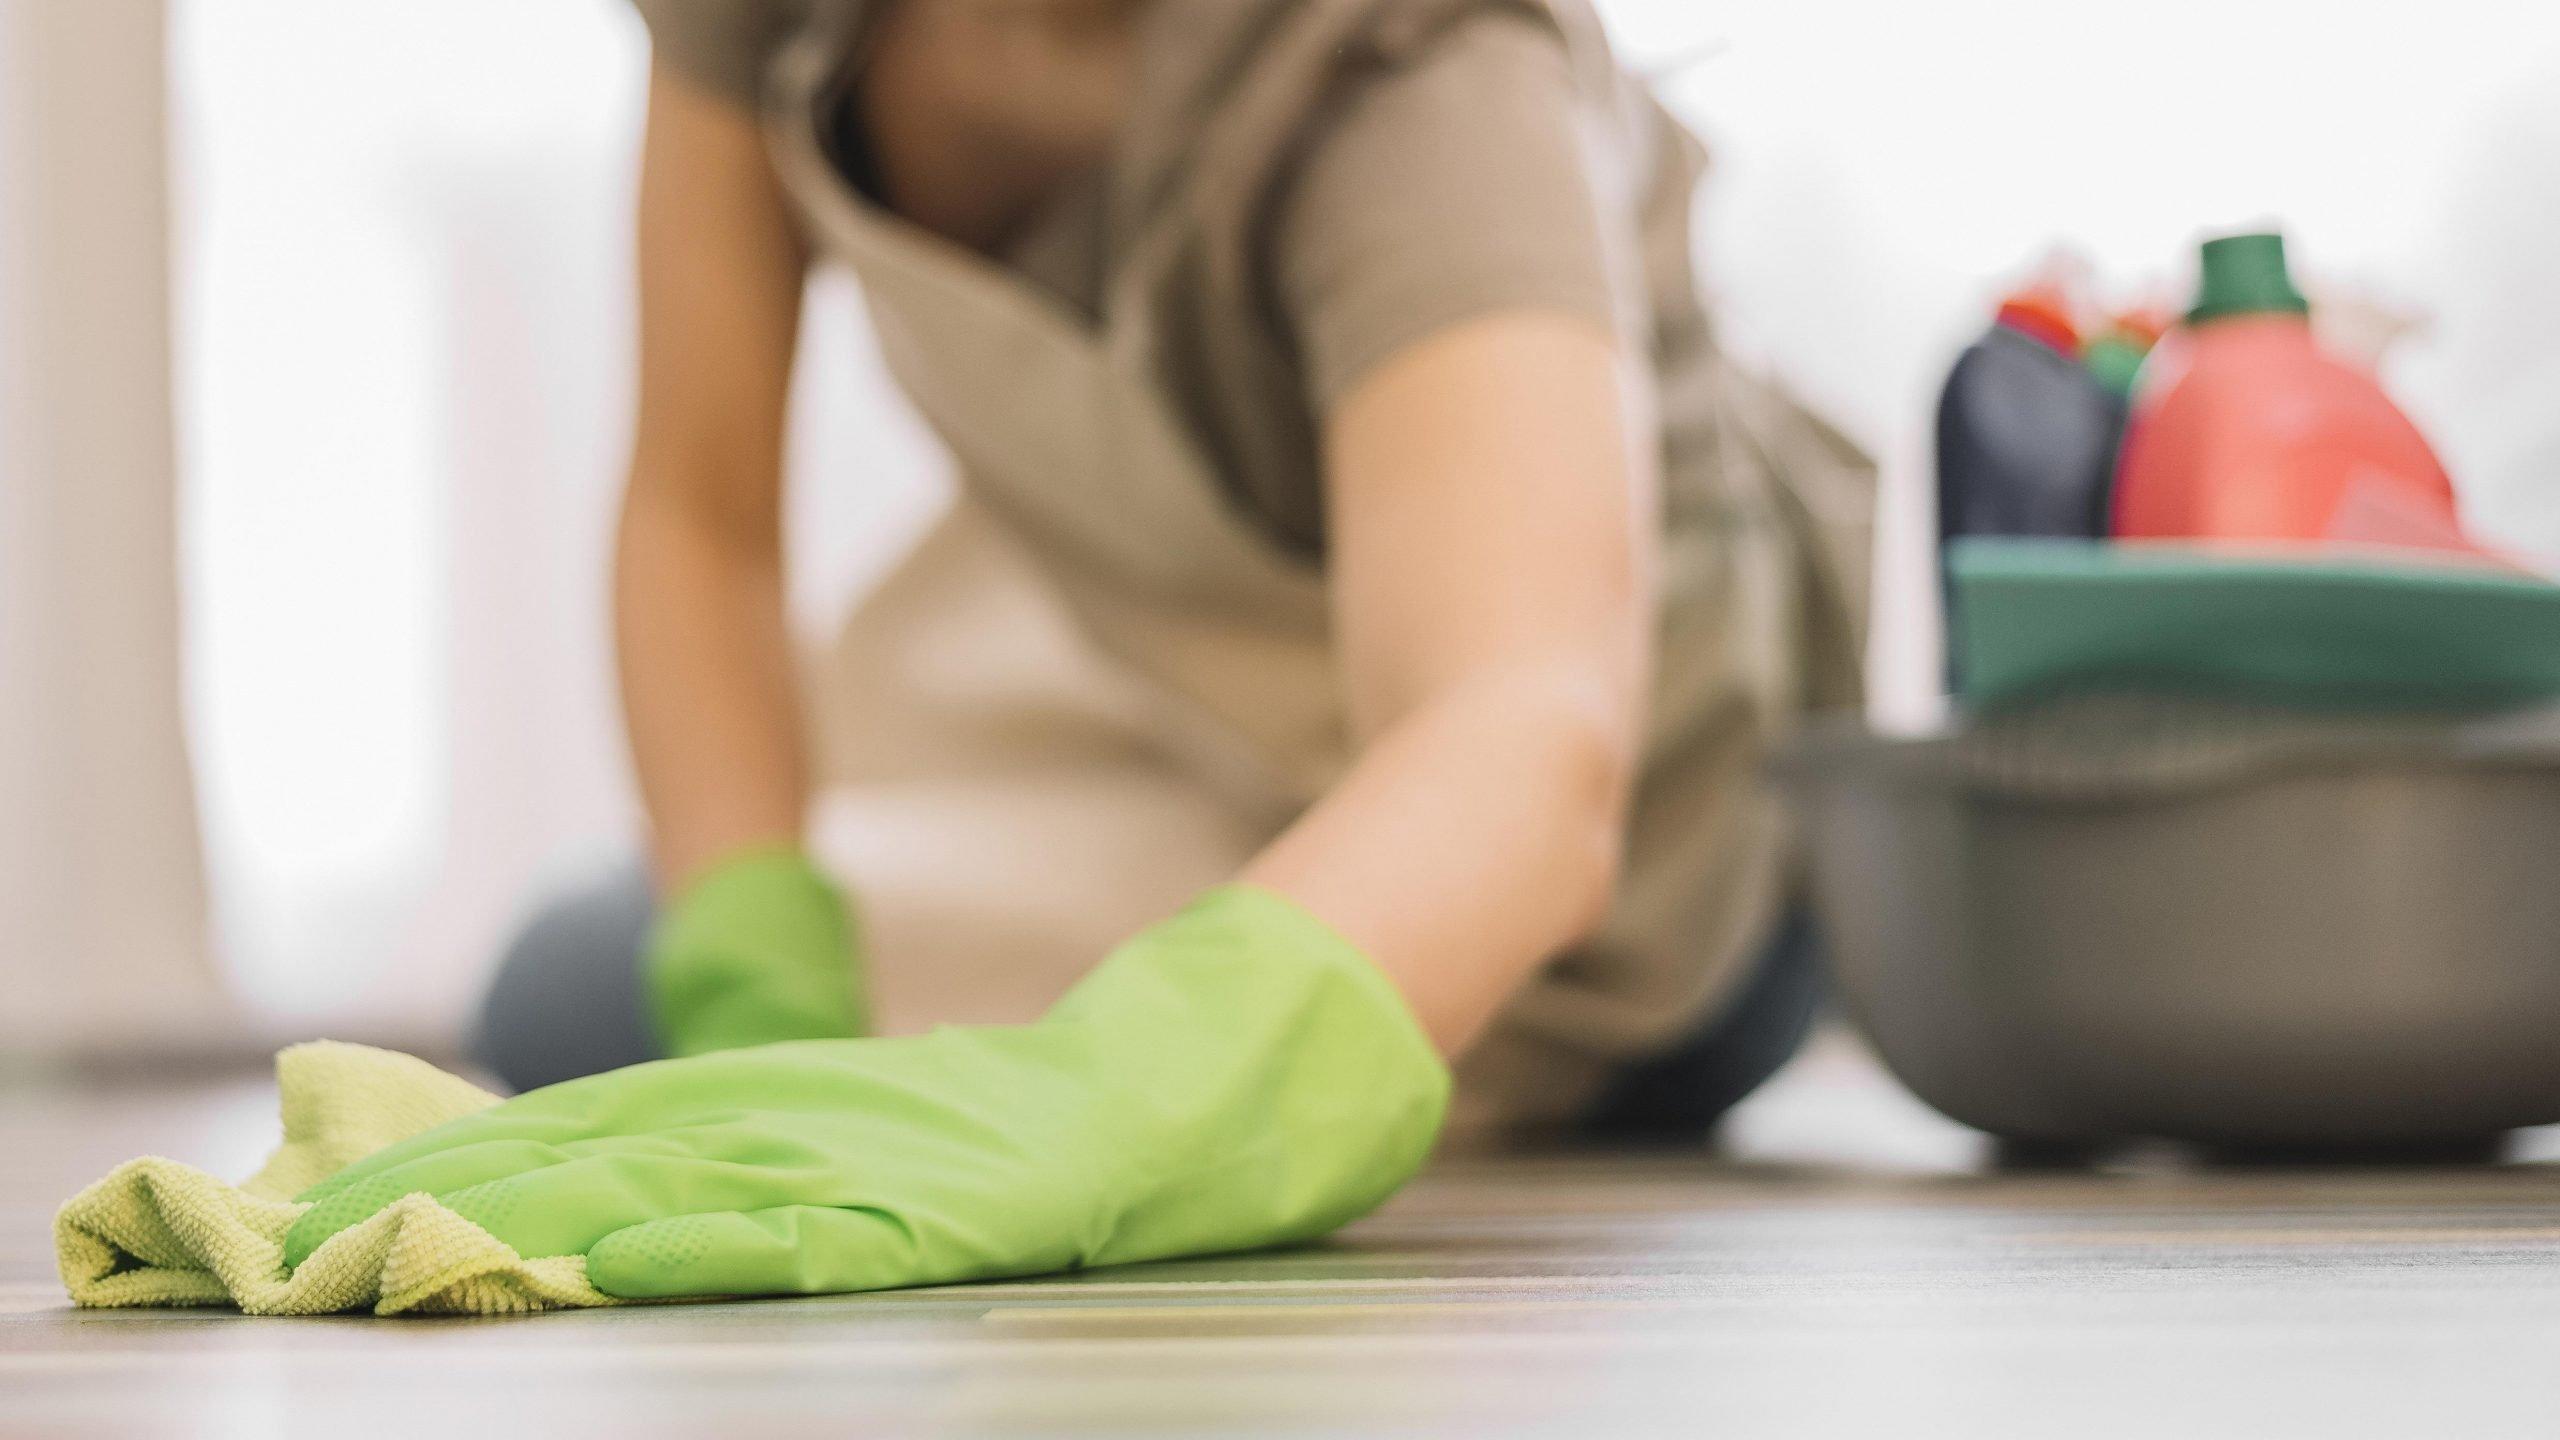 Cómo limpiar las manchas de pintura del piso